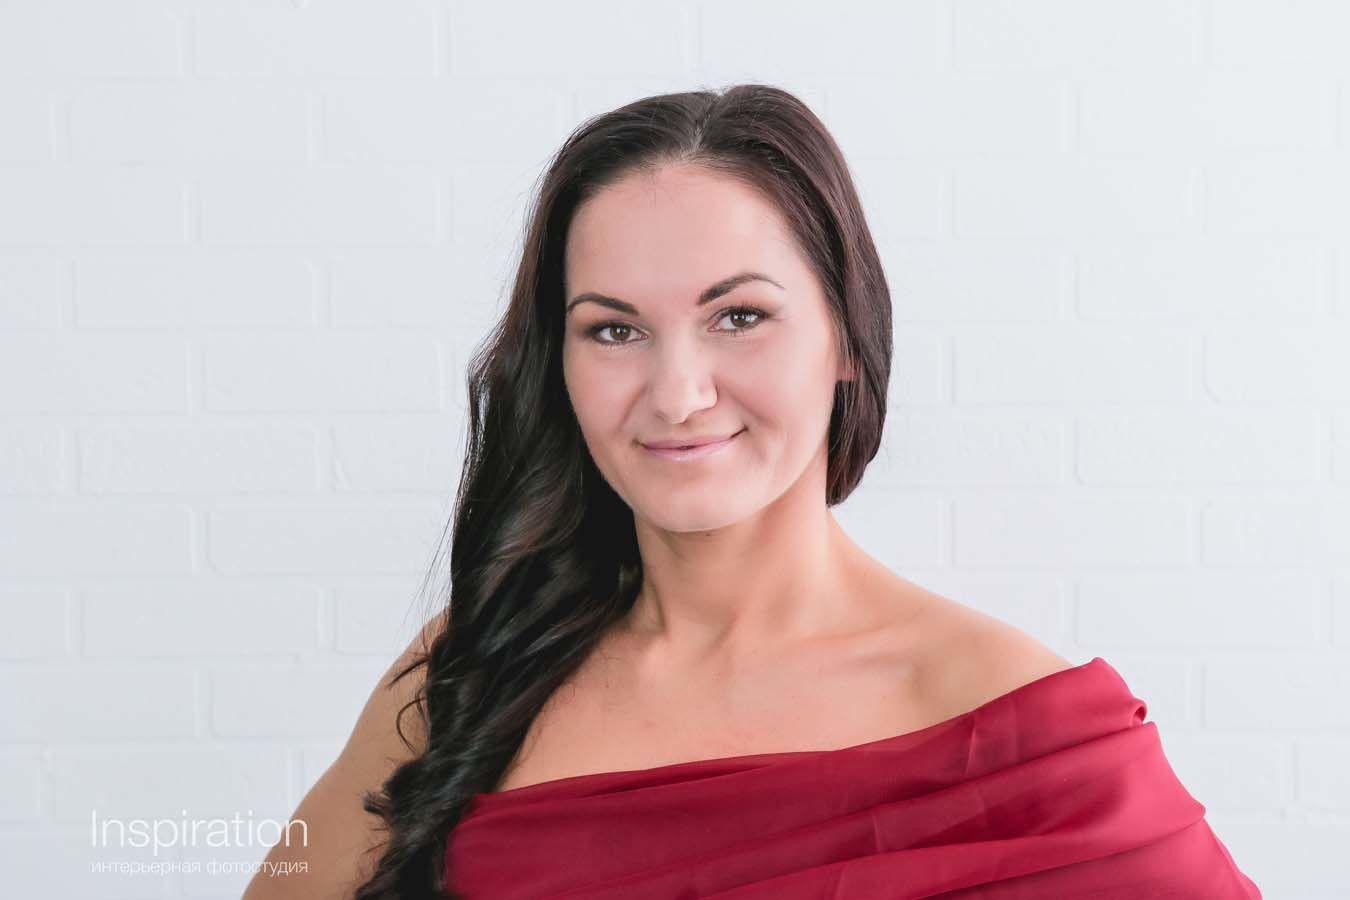 Анастасия Свалова, 32 года